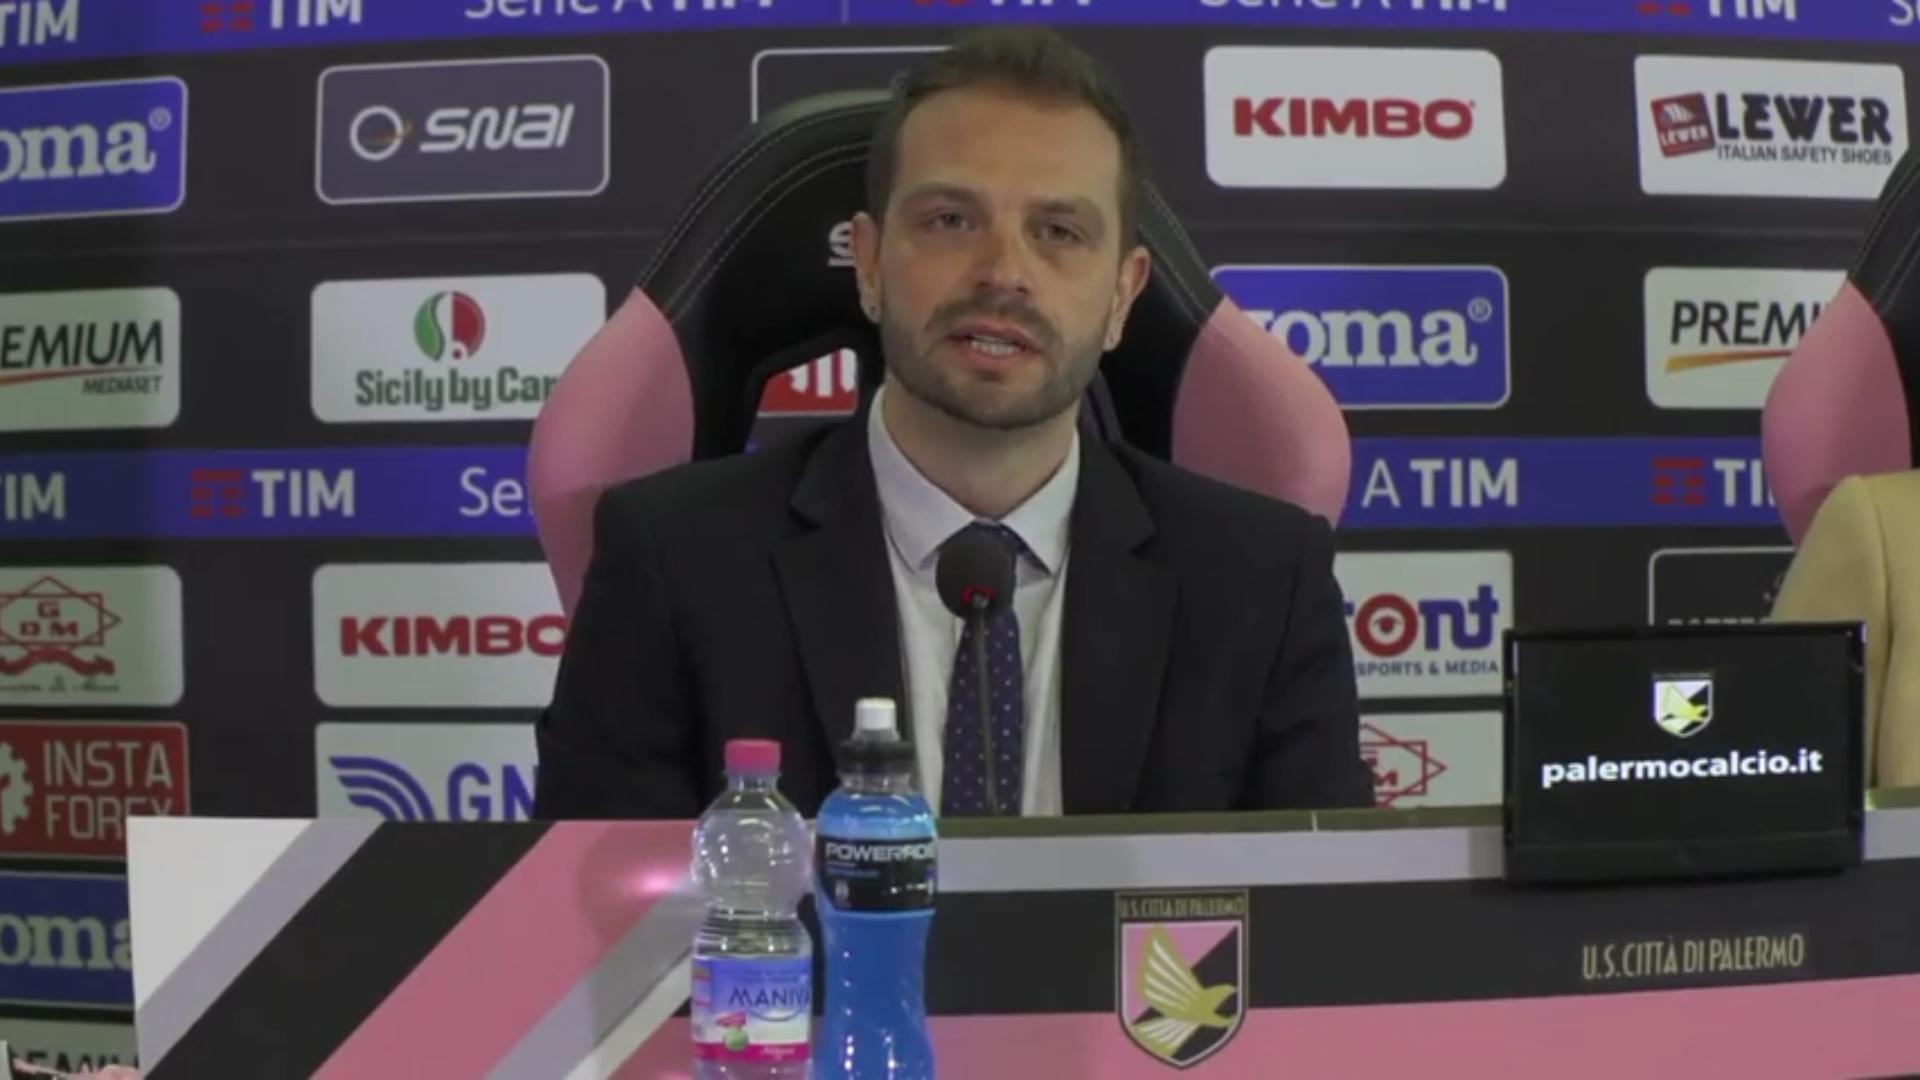 Palermo, ufficiale Tedino nuovo allenatore e Lupo direttore sportivo